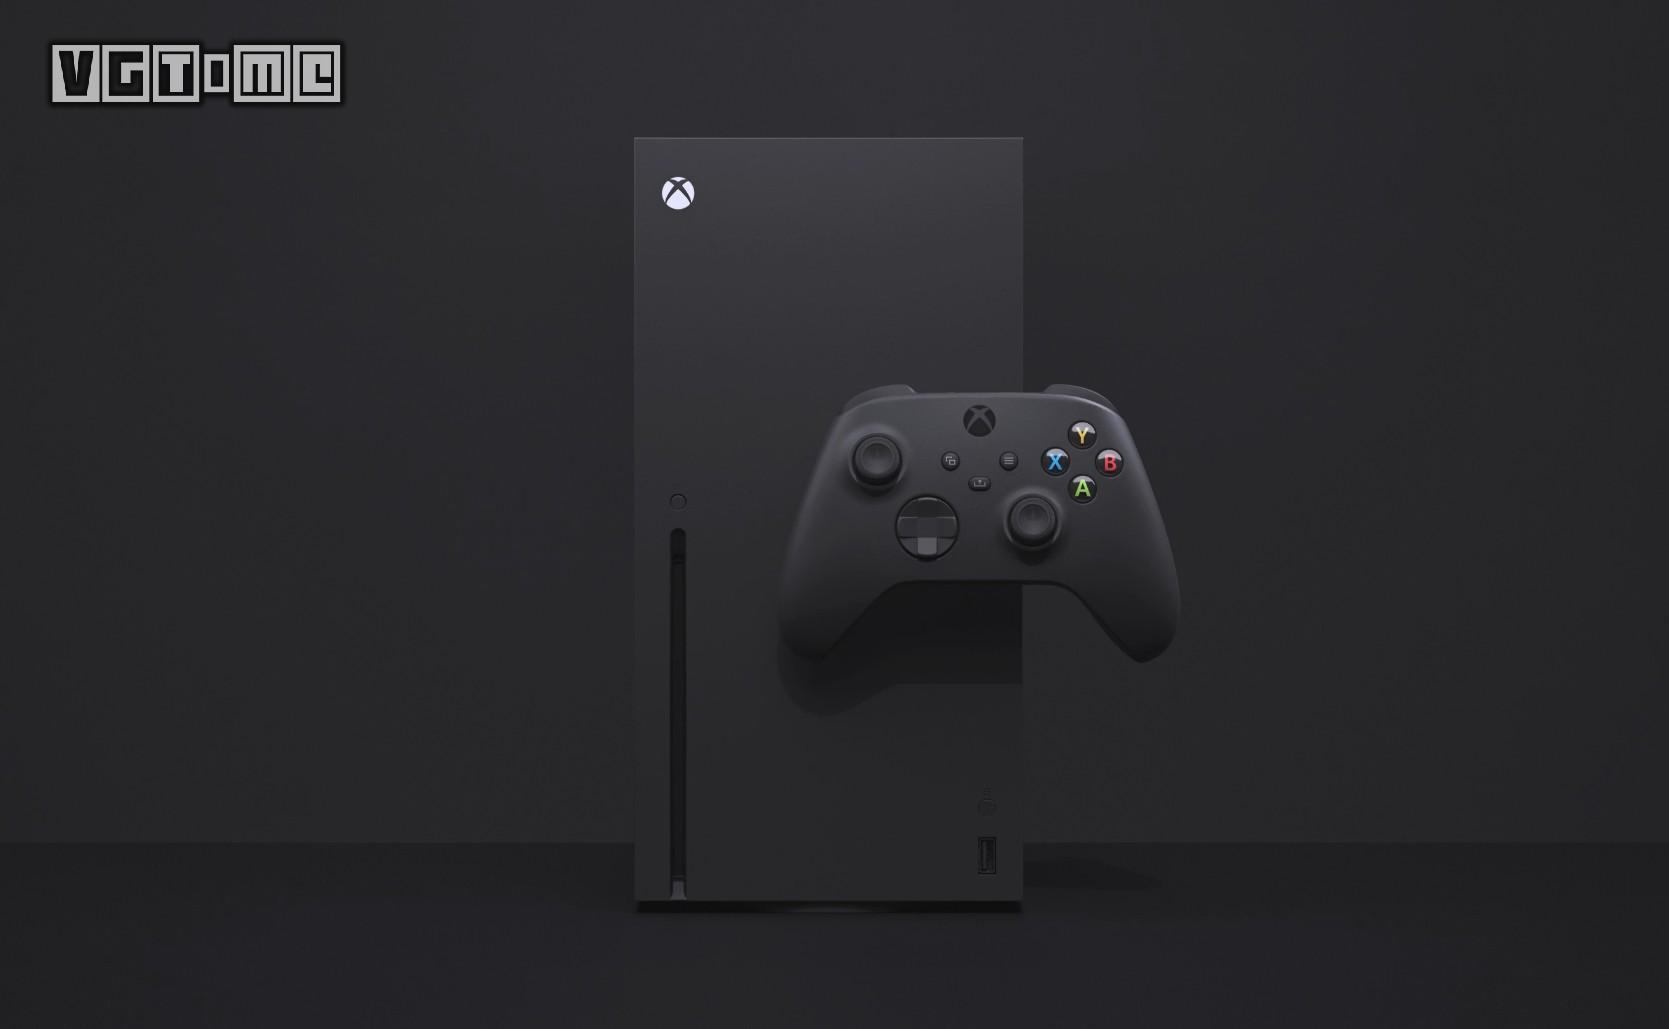 深入Xbox Series X:如何设计高性能低噪音的游戏主机